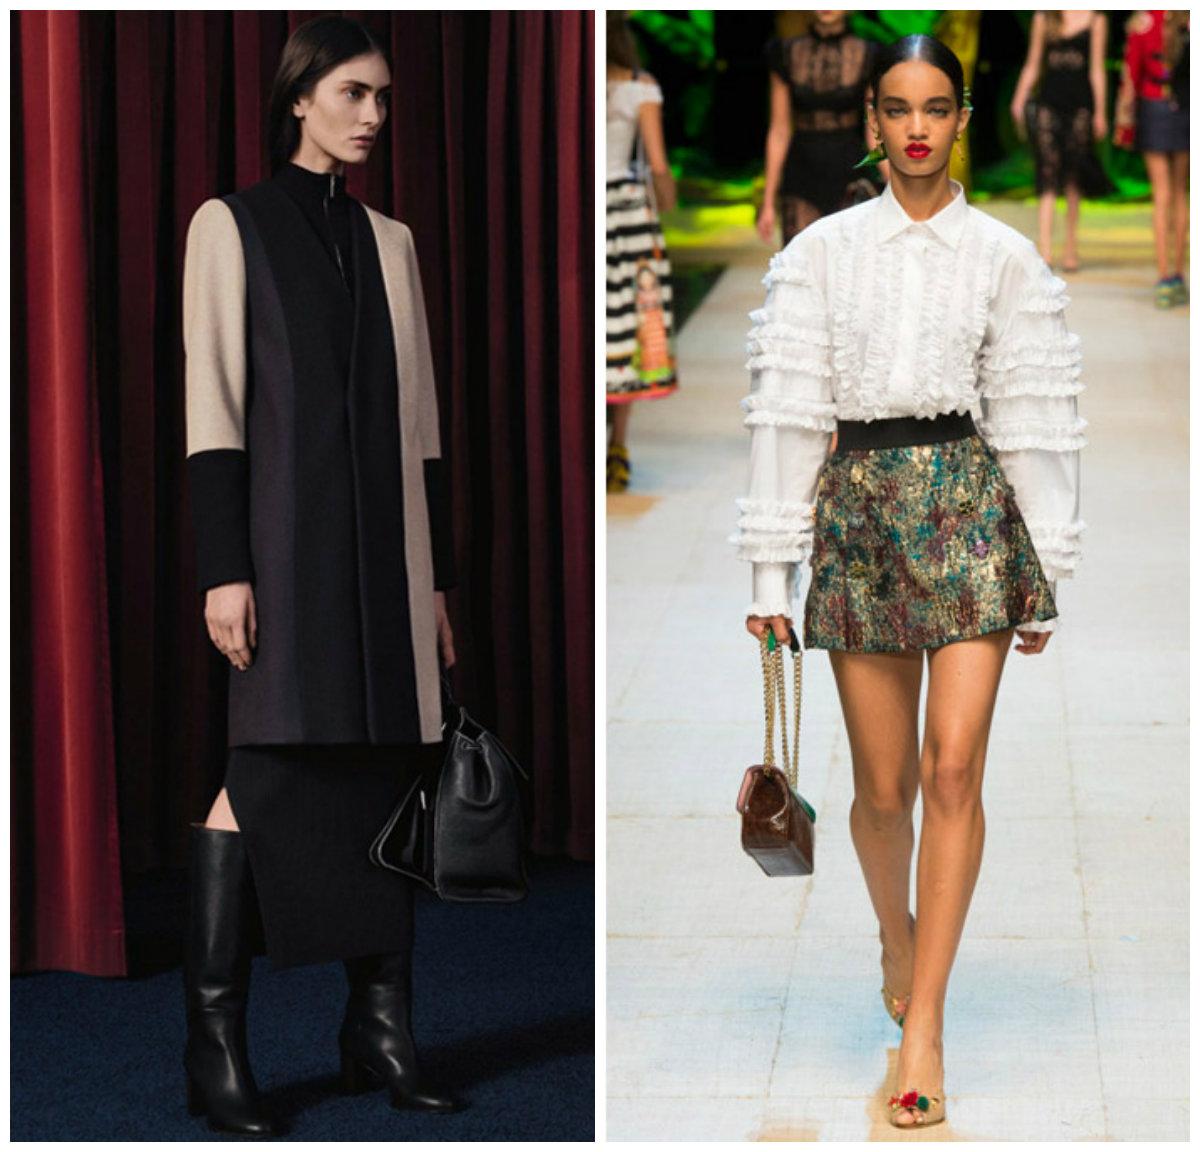 Тенденции-женской-моды-2019-года-фото-одежда-из-денима-деловой-стиль-авангард-Мода 2019, основные тенденции